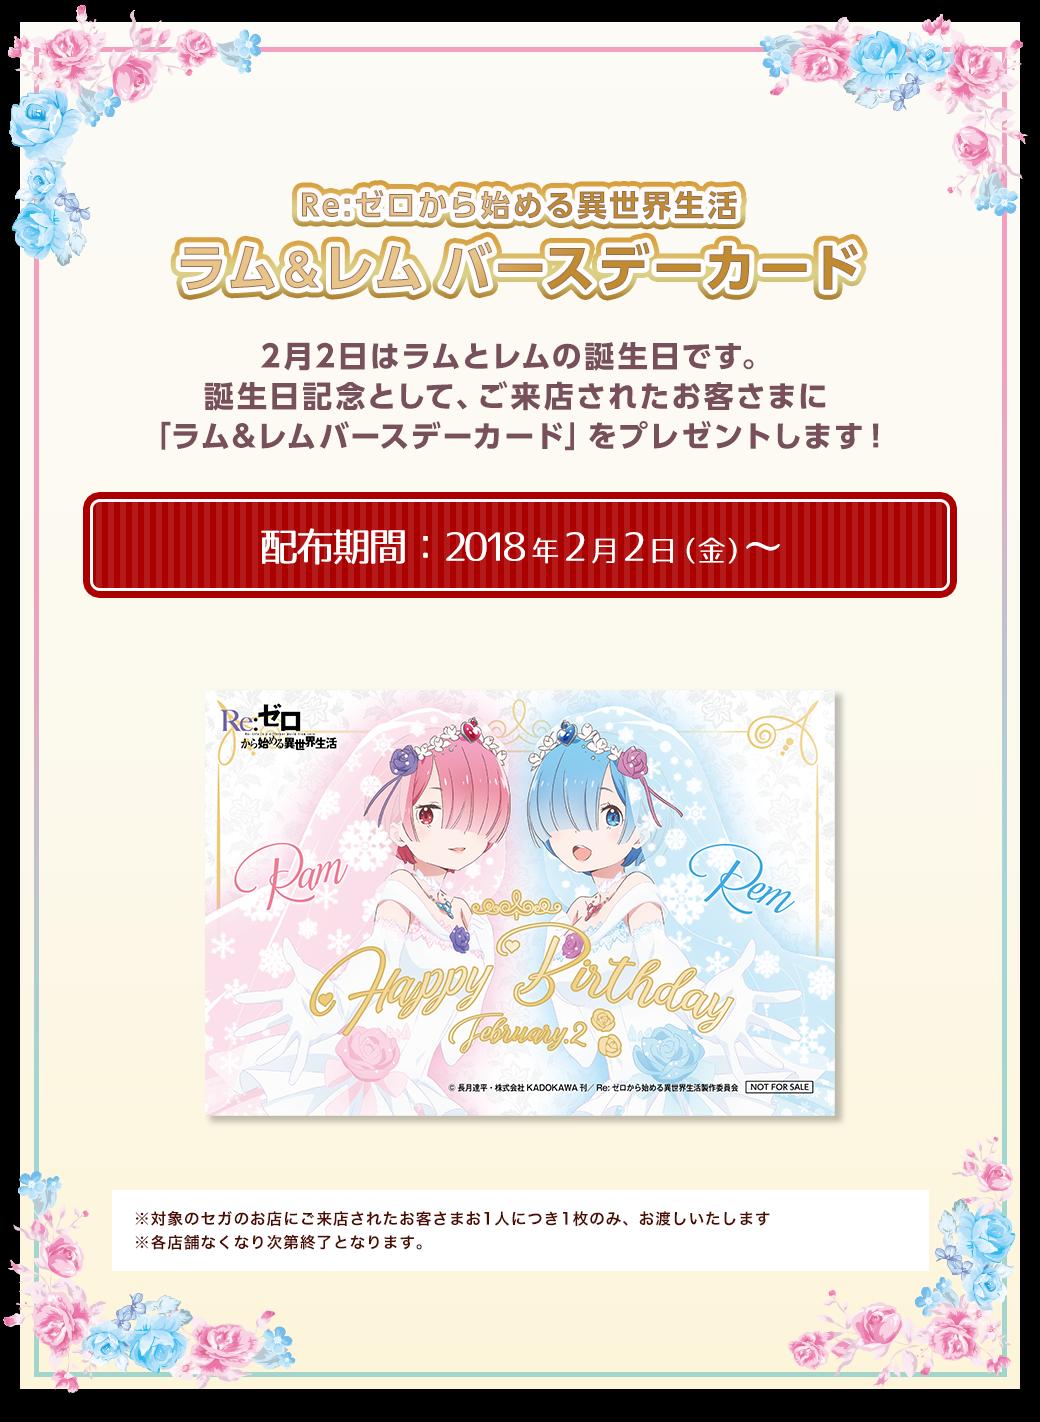 Sega celebrara el cumpleaños de Ram y Rem (Re: Zero)